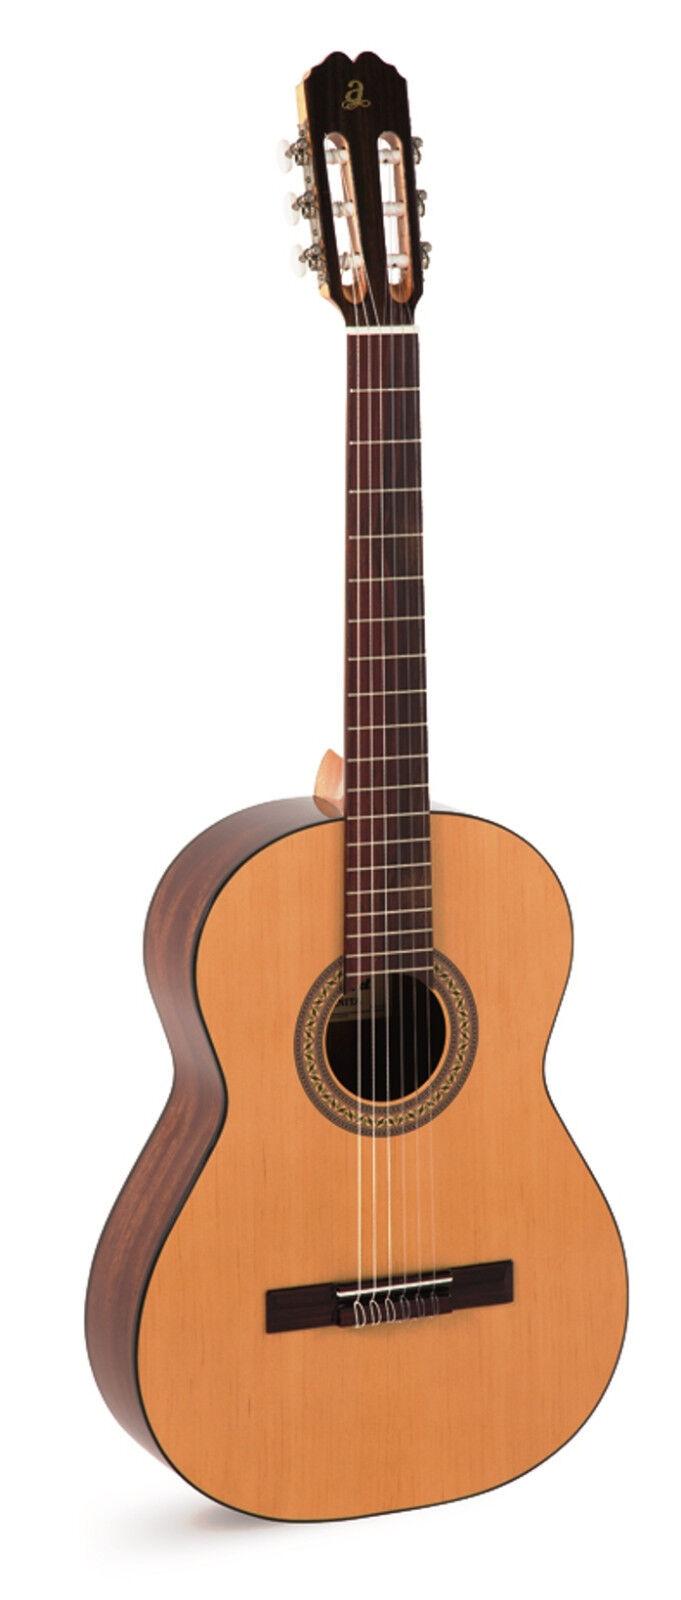 Admira Juanita Konzertgitarre Klassische Gitarre 4 4 Spanische Gitarre